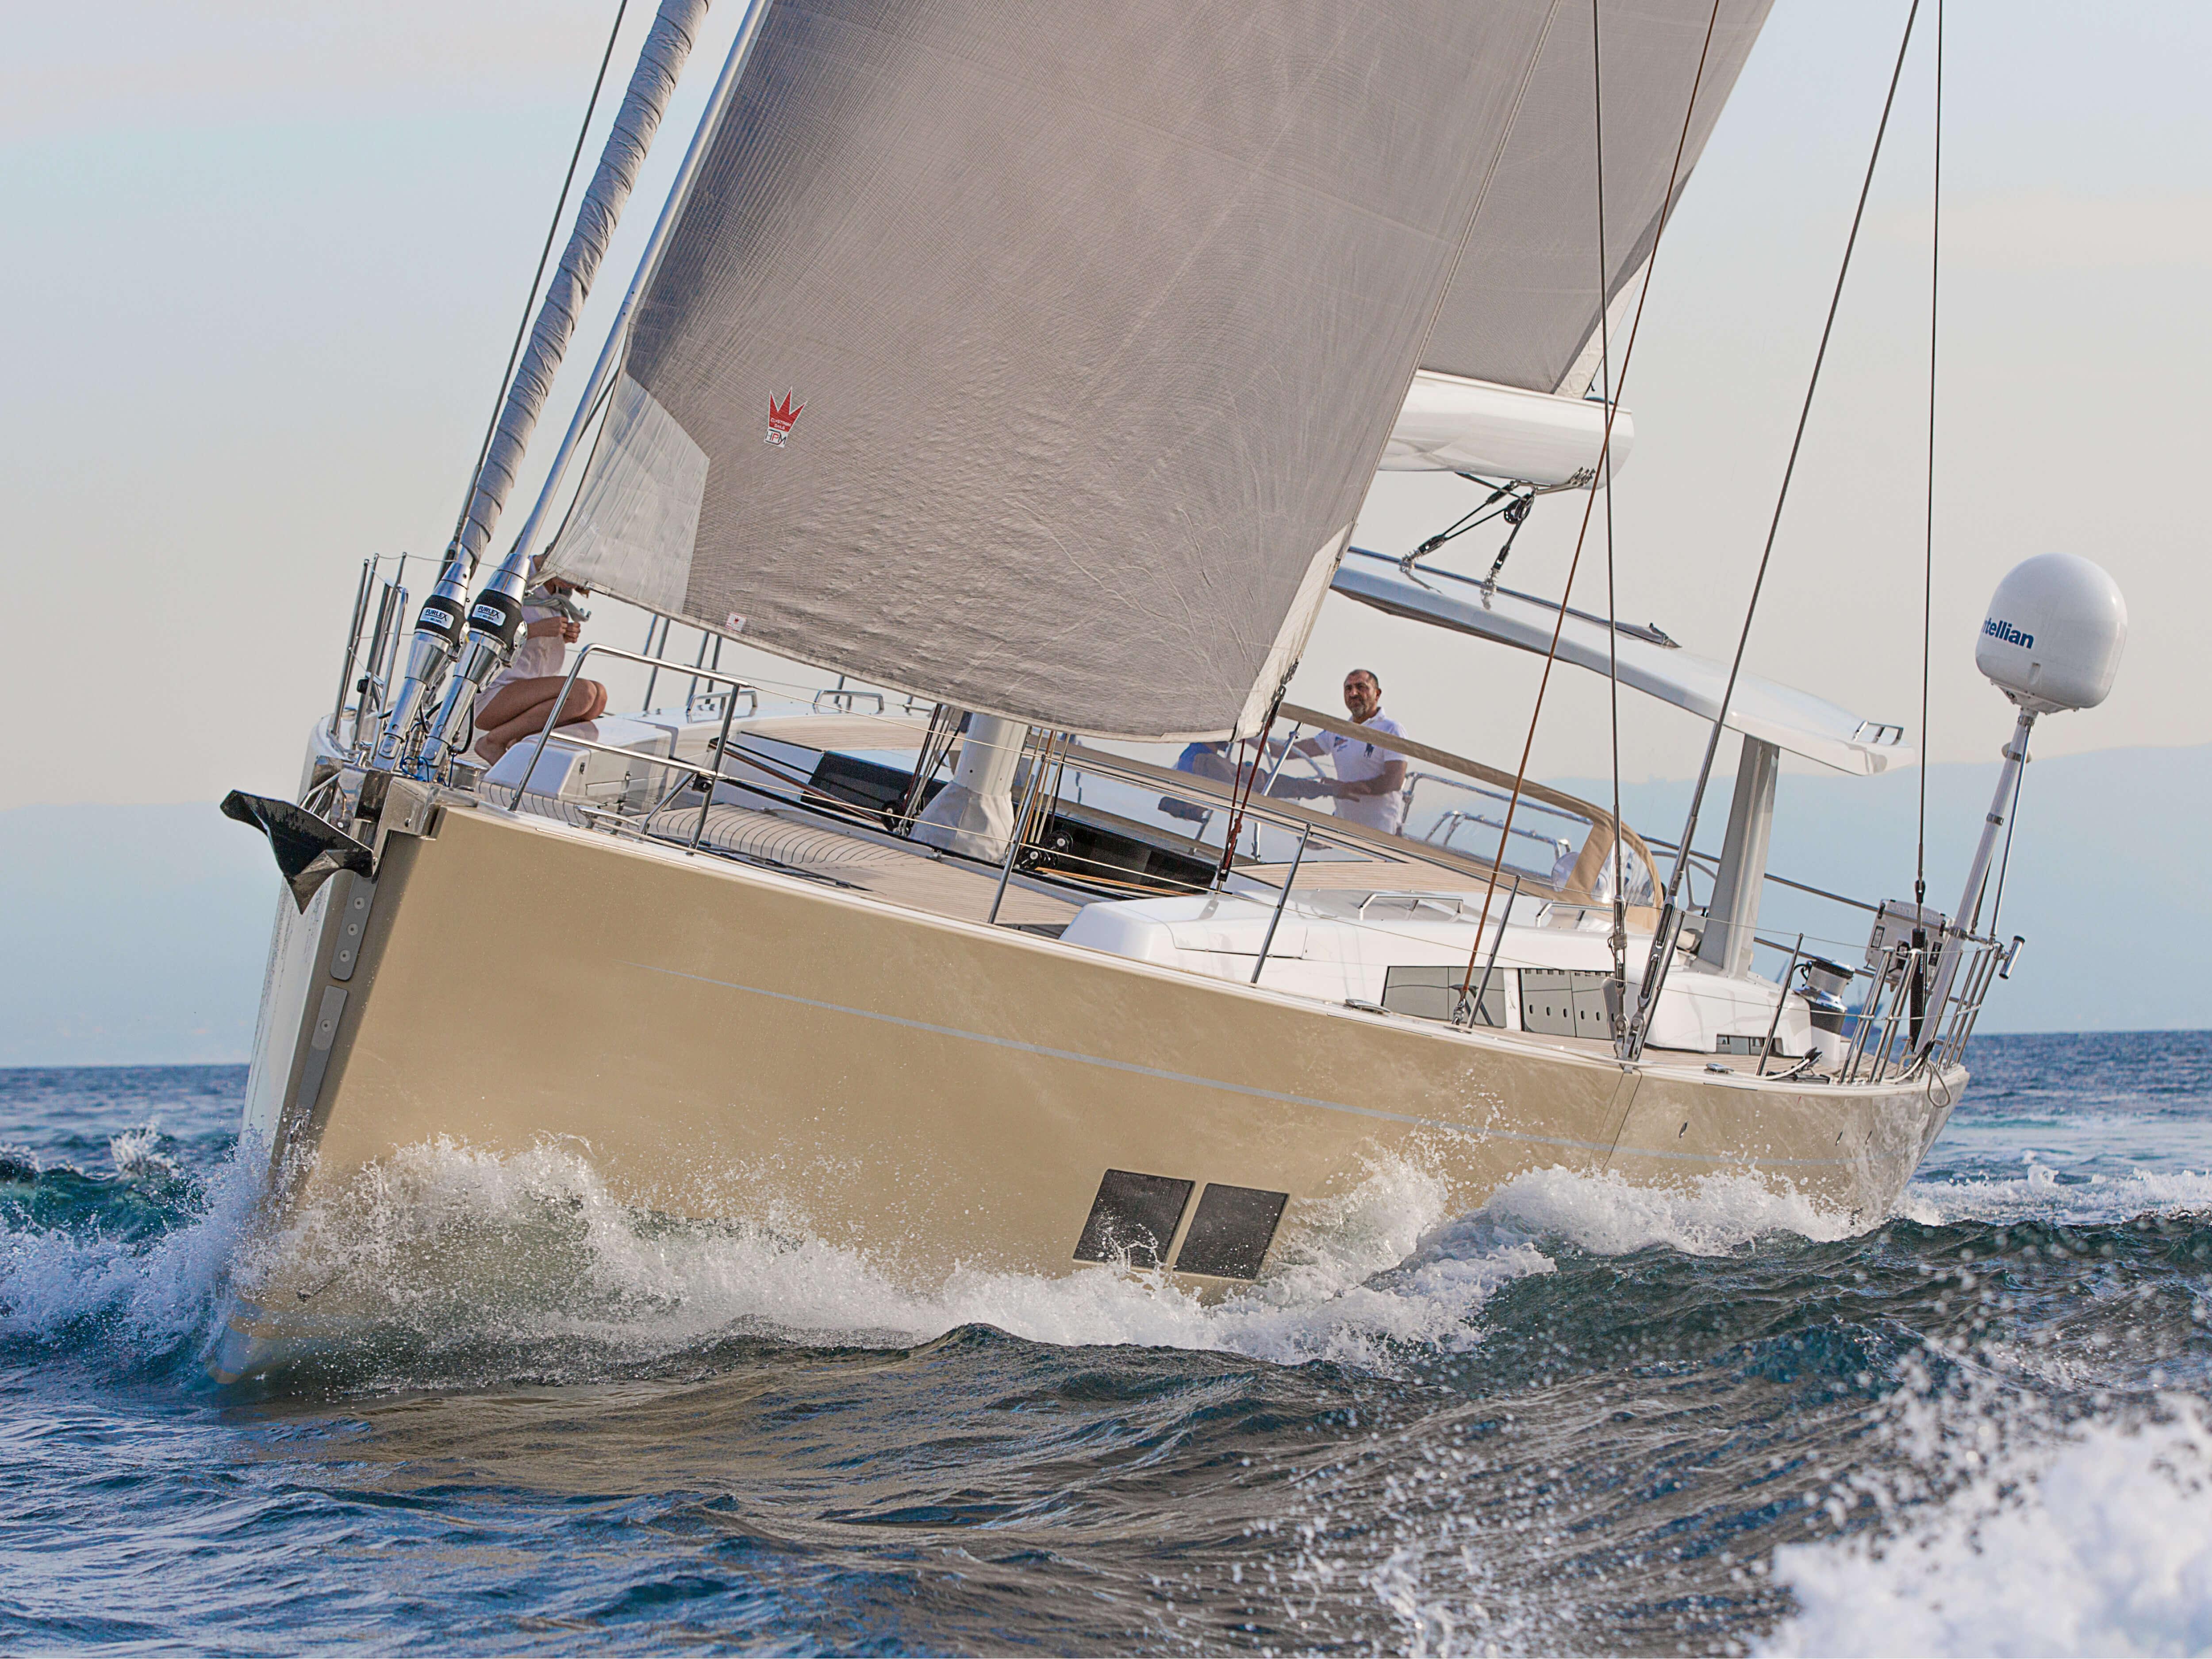 Hanse 675 | Яхты Hanse восхищают своим современным, функциональным дизайном | Hanse